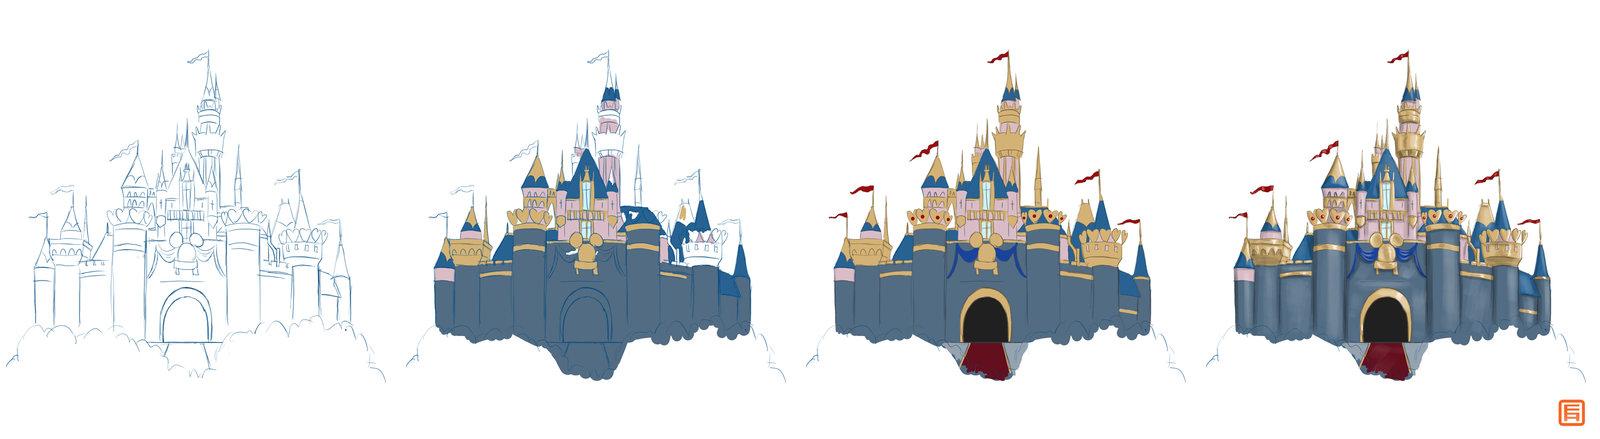 1600x439 Sleeping Beauty's Castle Wips By Bludrgn426